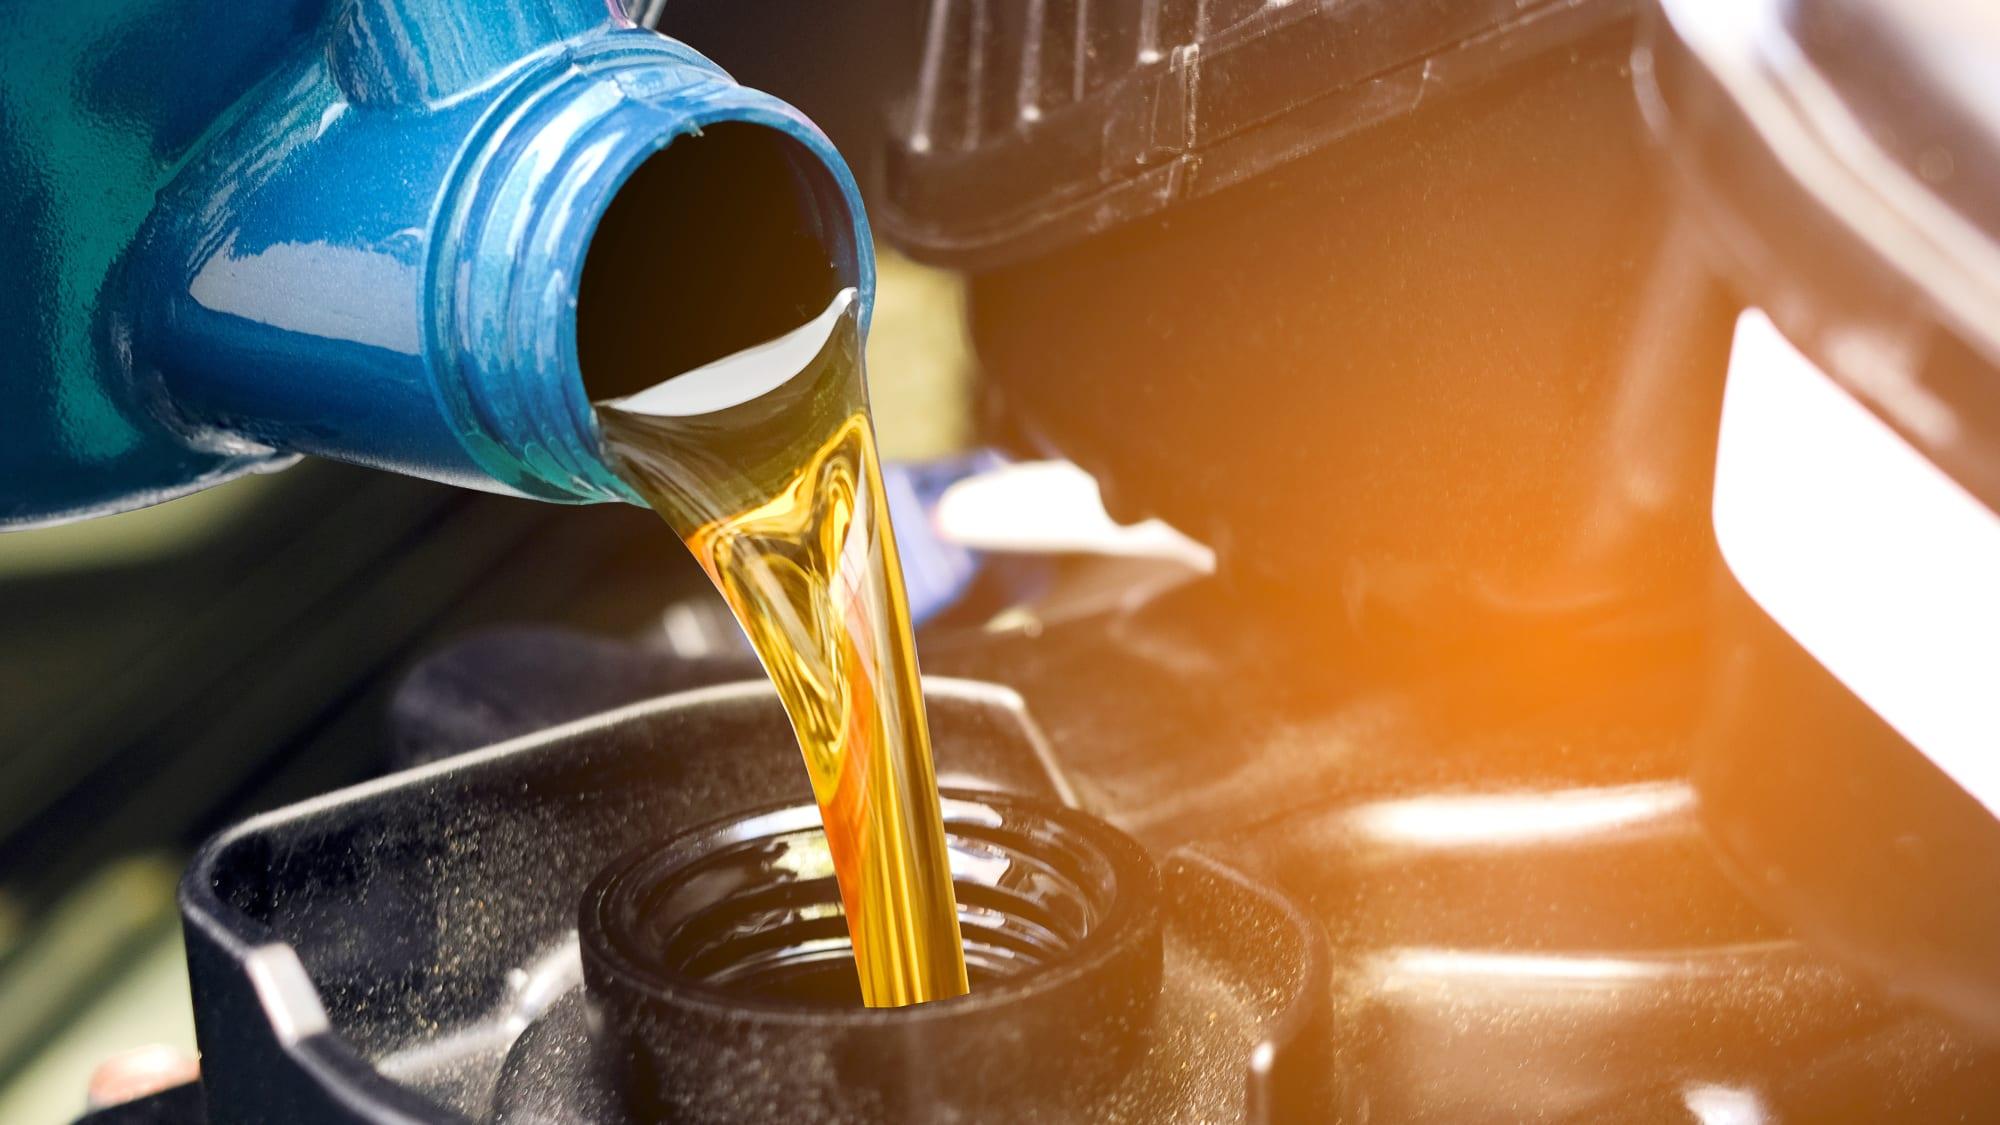 Motoröl wird in Auto gefüllt